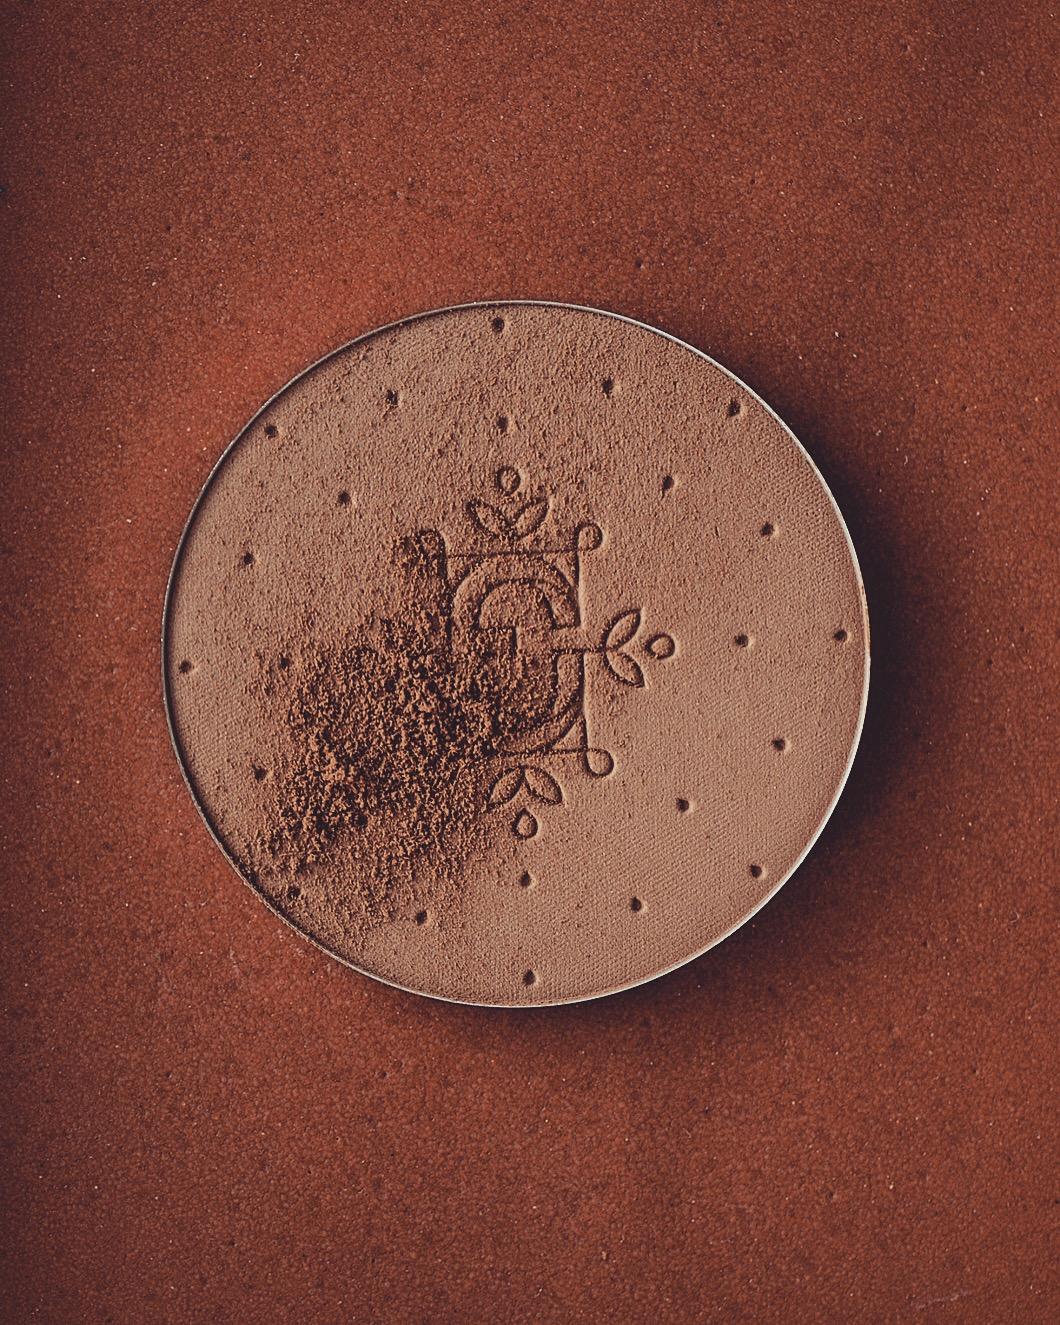 feerie celeste bewitched bronze bronzing and contouring powder puder brązujący pixie cosmetics brązer naturalny brązer jak wygląda na skórze brązer nie zapycha porów 210 serenade for summer brązer dla bladej skóry